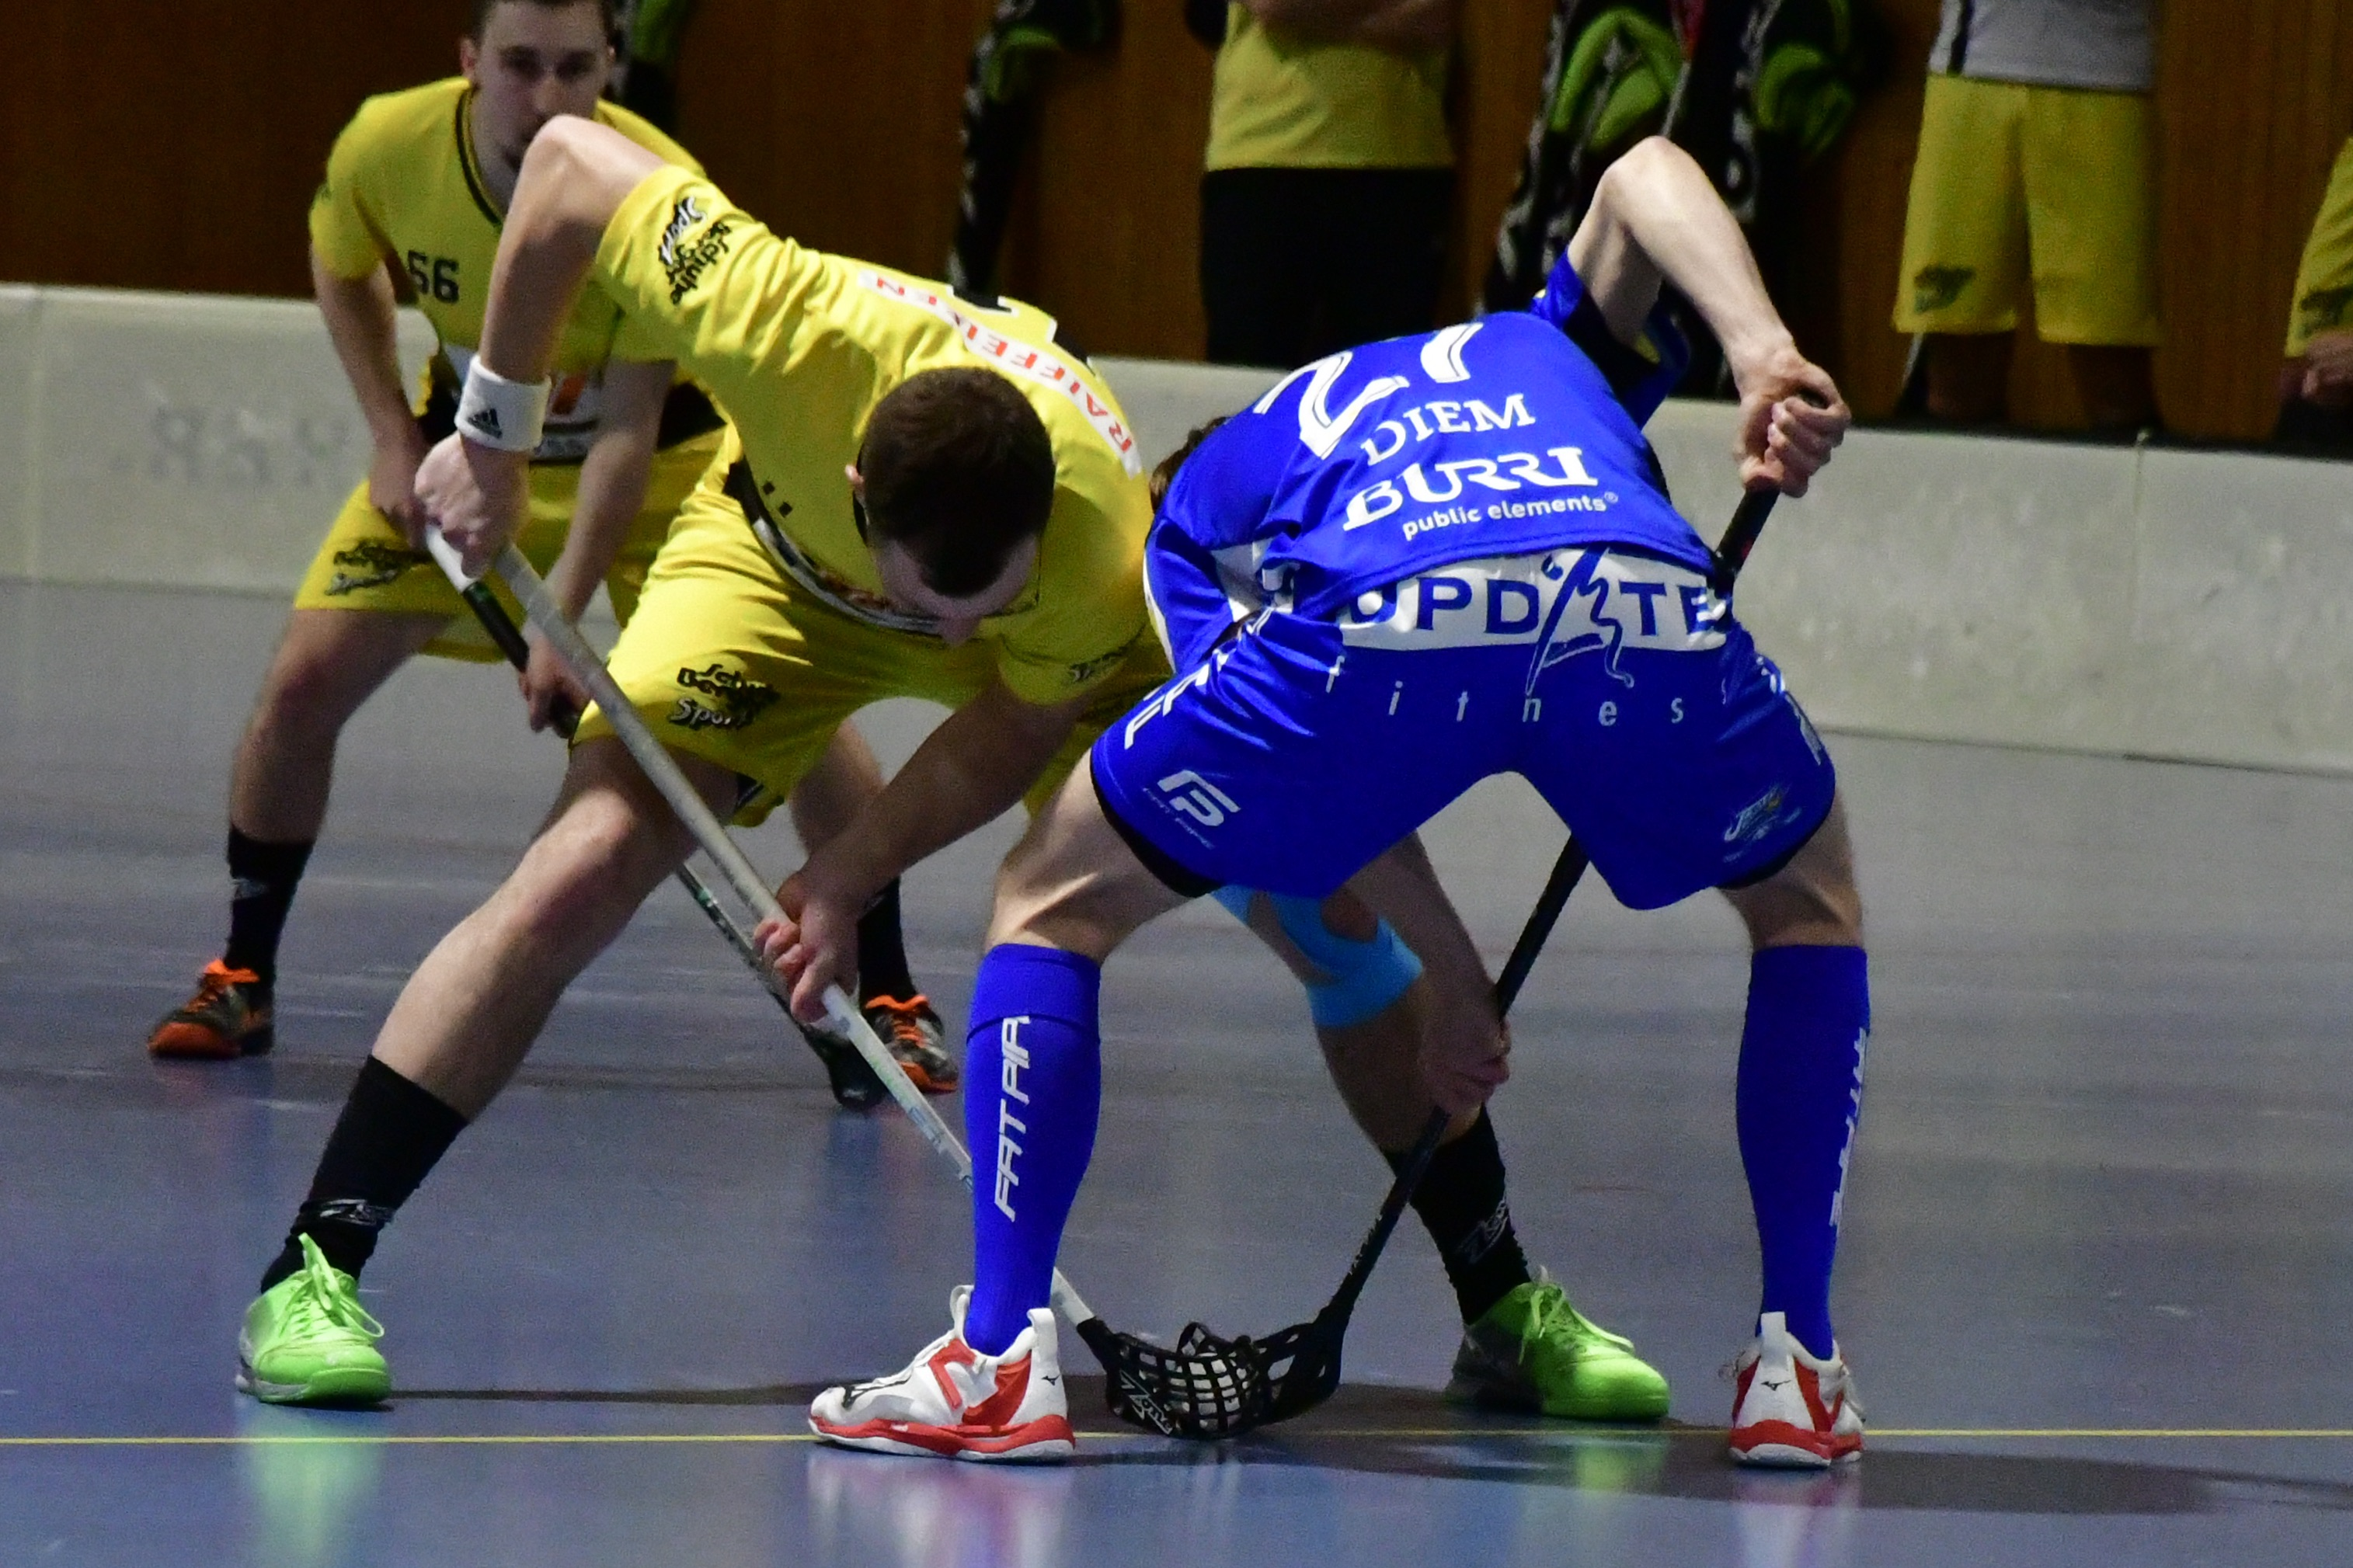 Herren l - Kloten-Dietlikon Jets, NLB Playoff, 1/4 Final, Spiel 4, Saison 2019/20